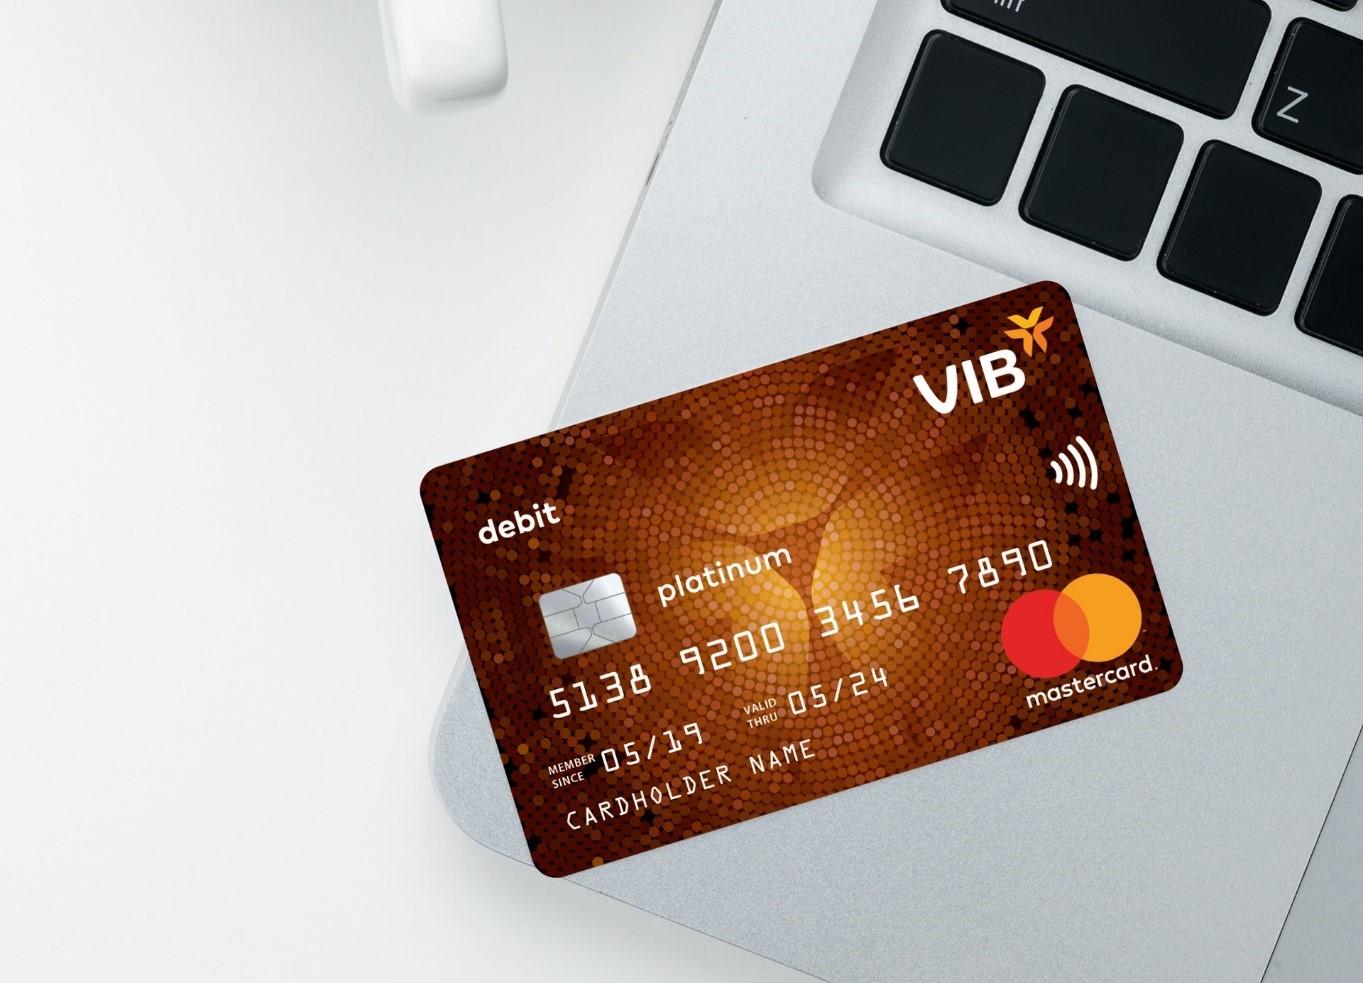 Thẻ thanh toán quốc tế VIB Platinum hoàn tiền 2% các giao dịch trực tuyến. Ảnh: VIB.